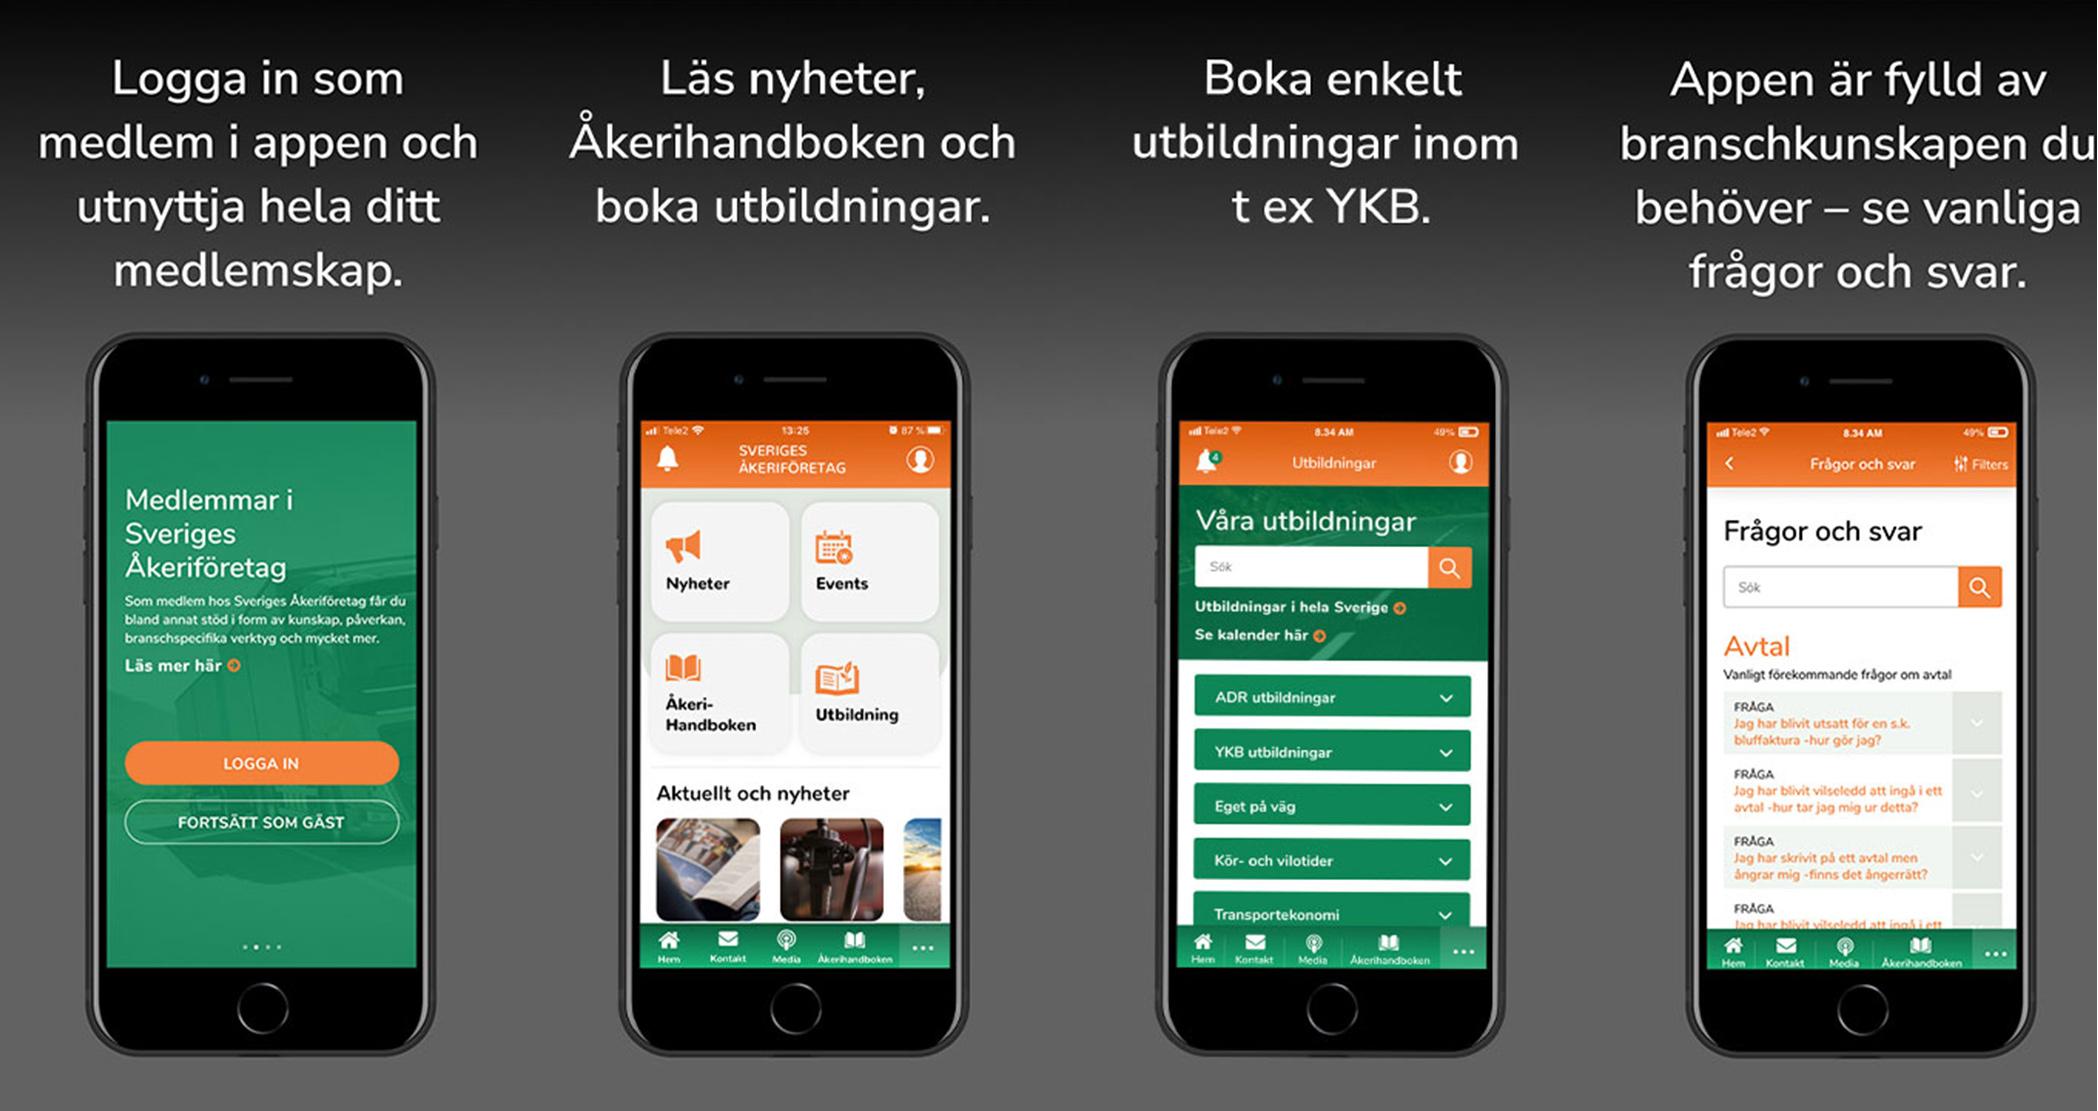 Sveriges Åkeriföretags app